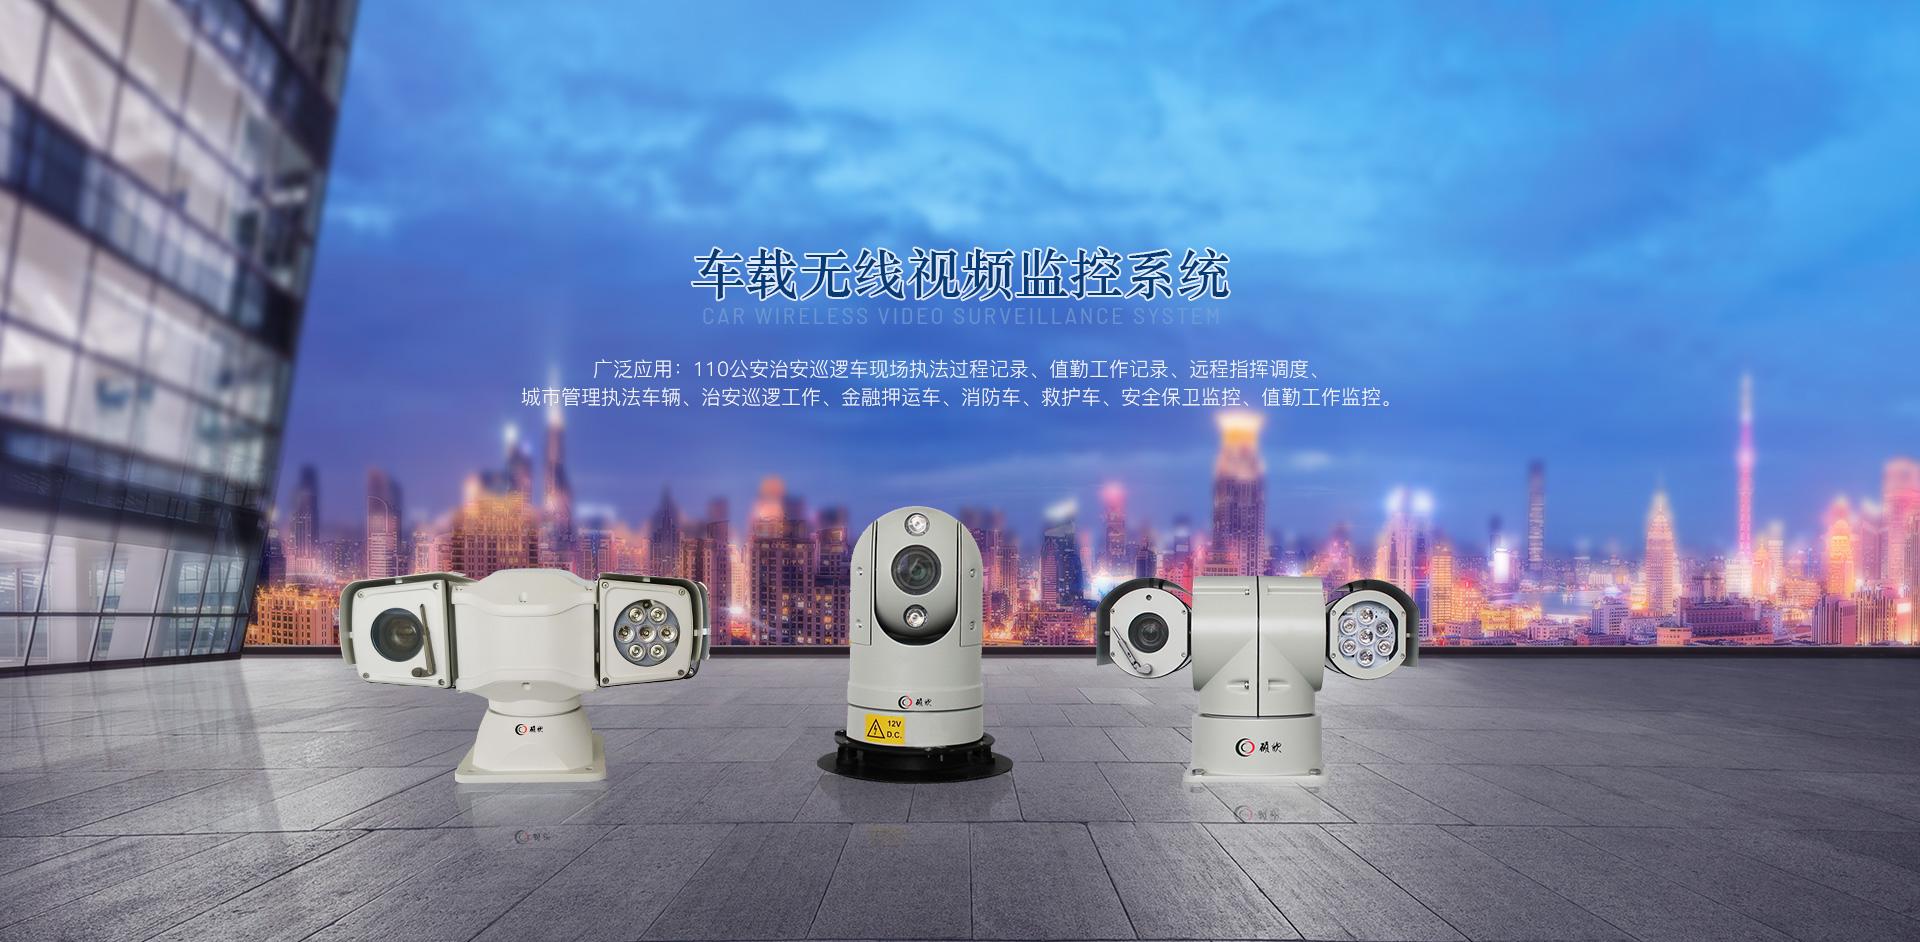 车载无线视频监控视频系统